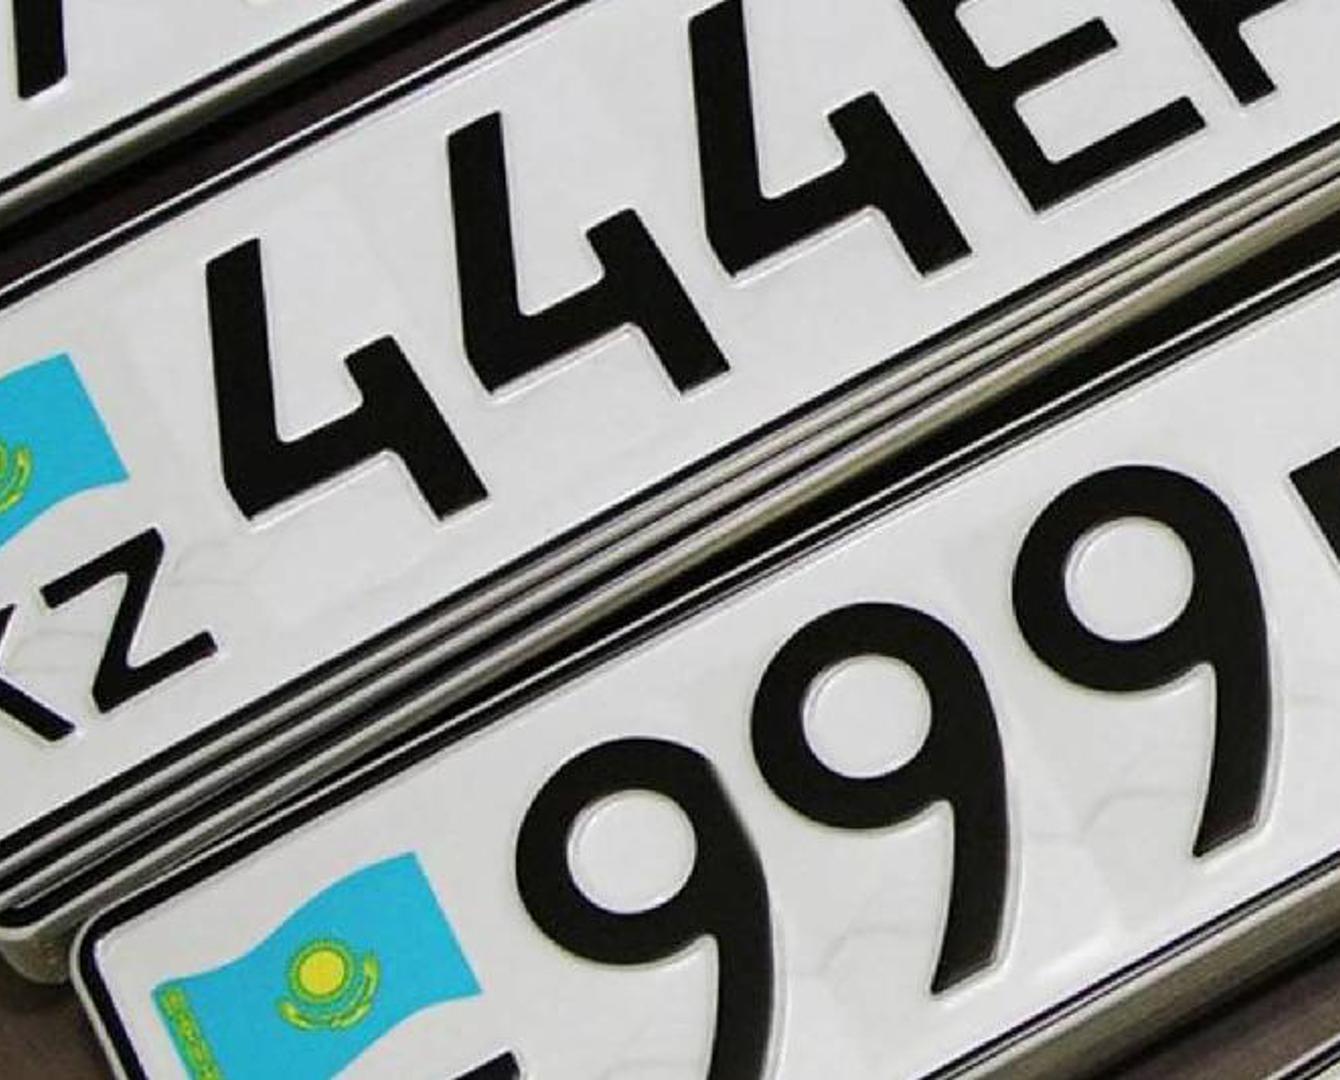 Алматинцы на покупку «крутых» автономеров потратили свыше 1,2 млрд тенге